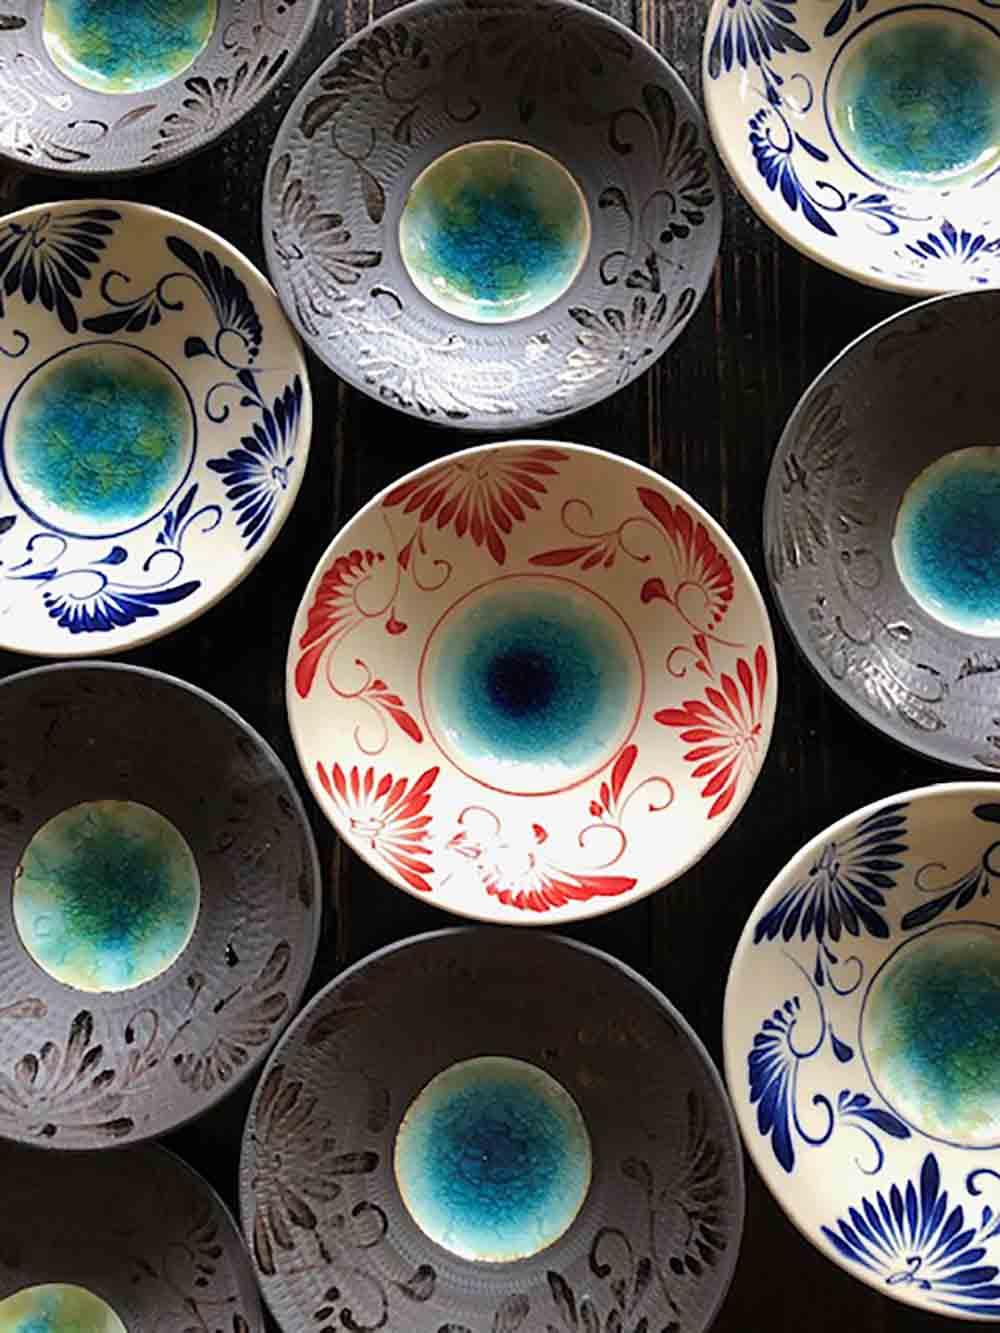 沖縄伝統工芸品なら BOND okinawa